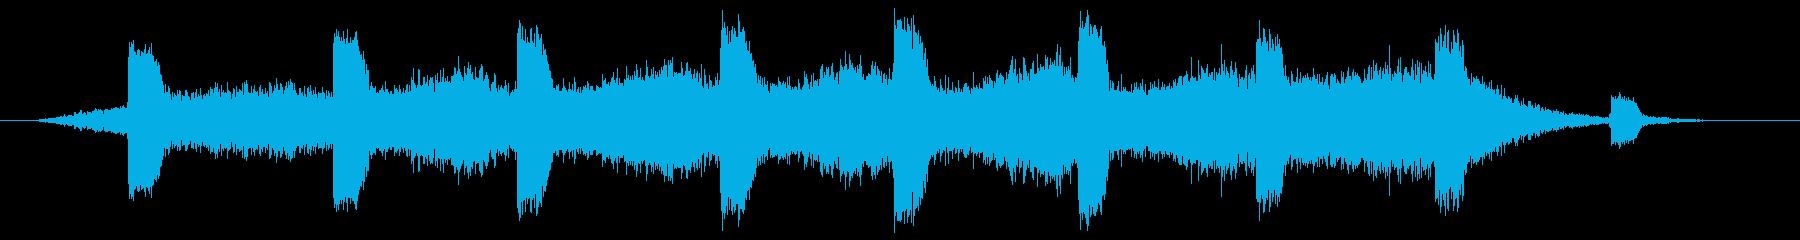 ホラー系アンビエントの再生済みの波形